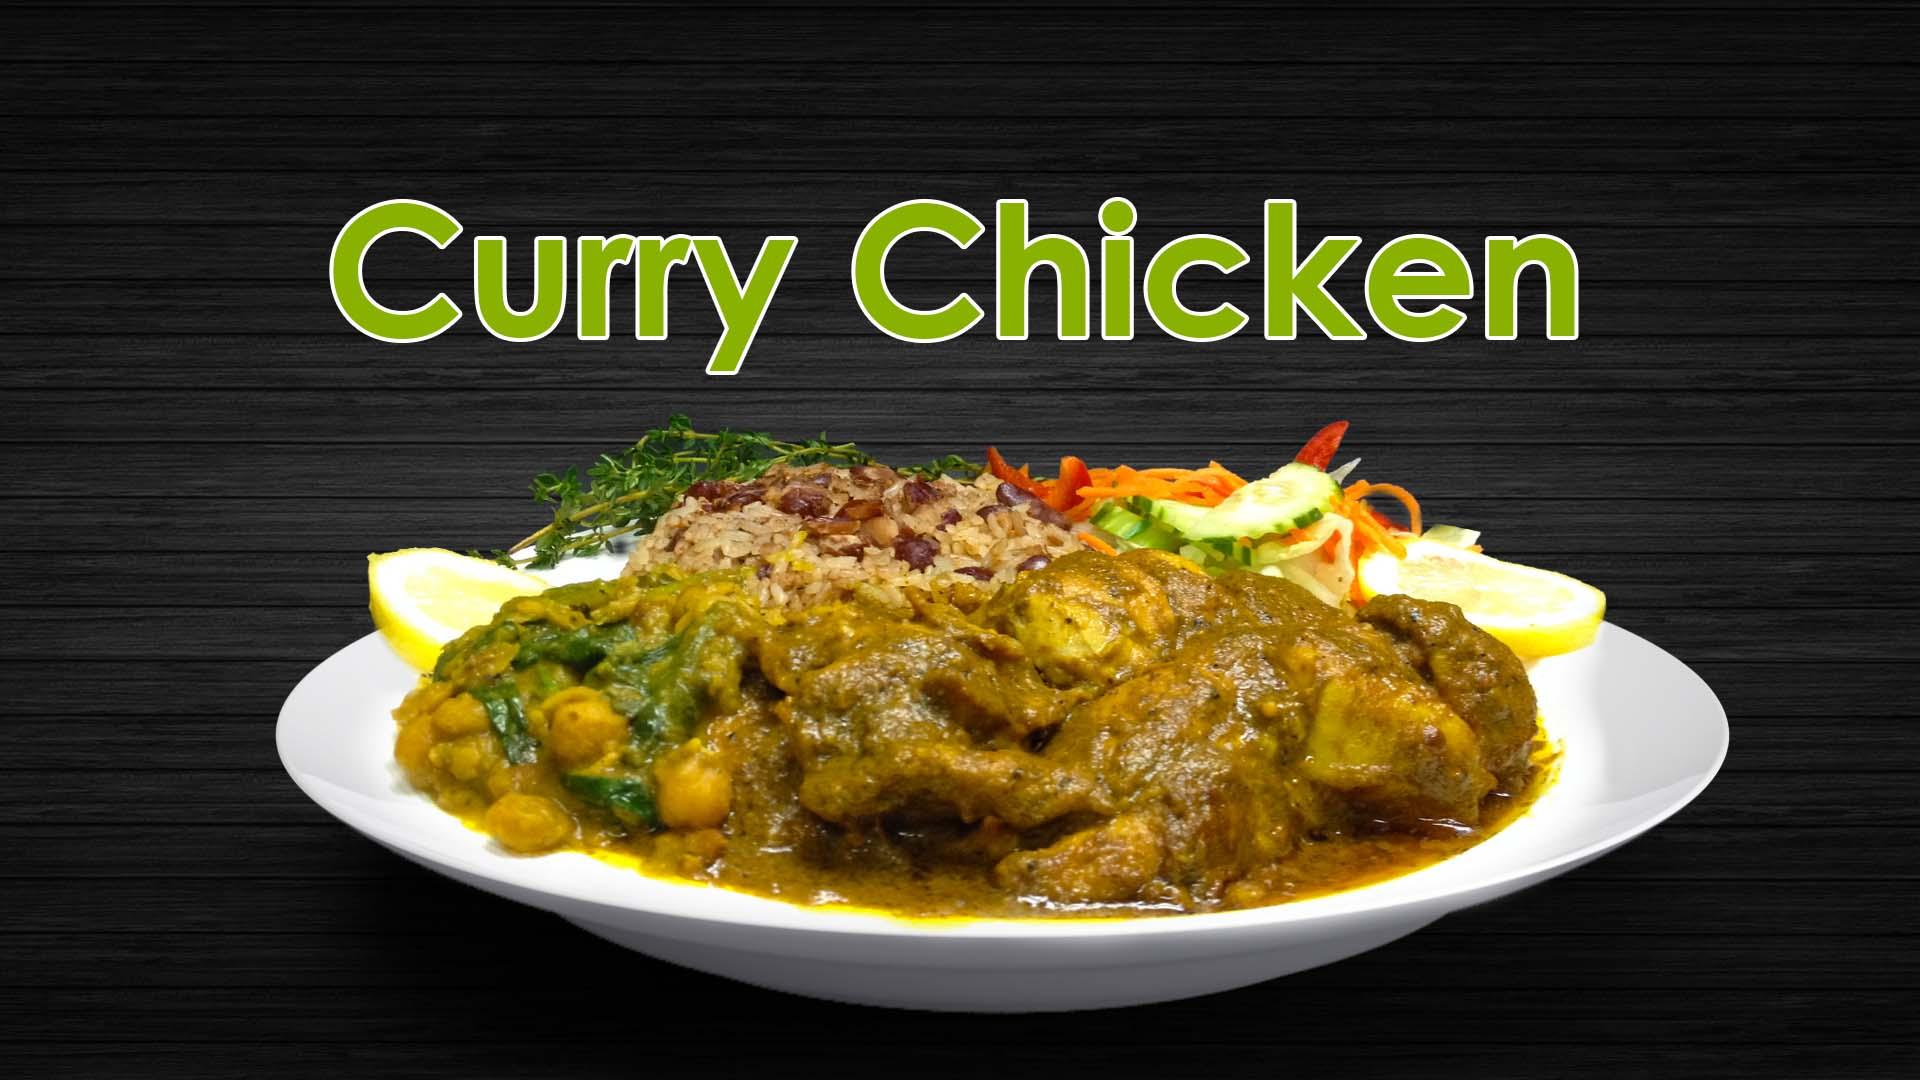 Order Chicken Curry